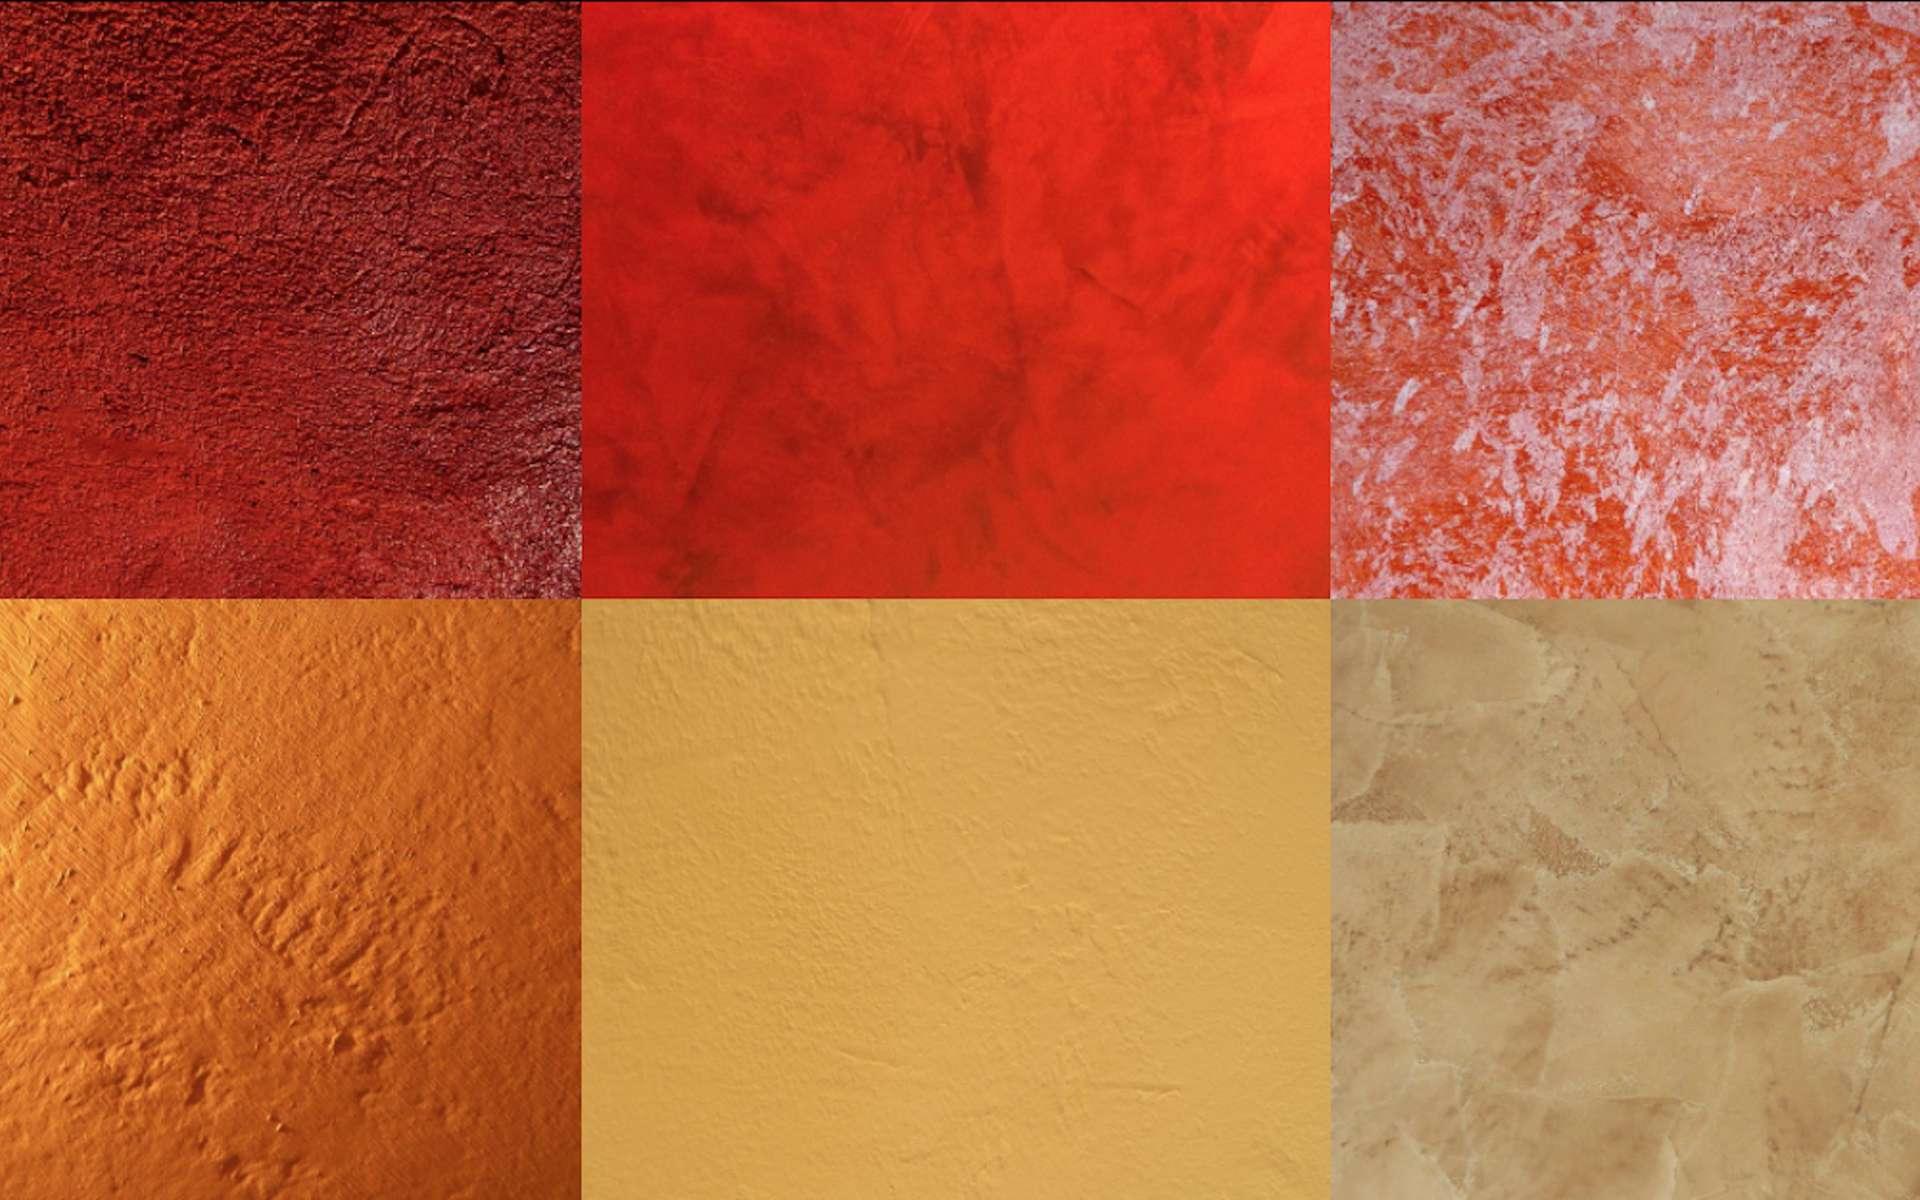 La chaux constitue le matériau de base des enduits et de couleurs pour les fresques. © Le pigment Rouge